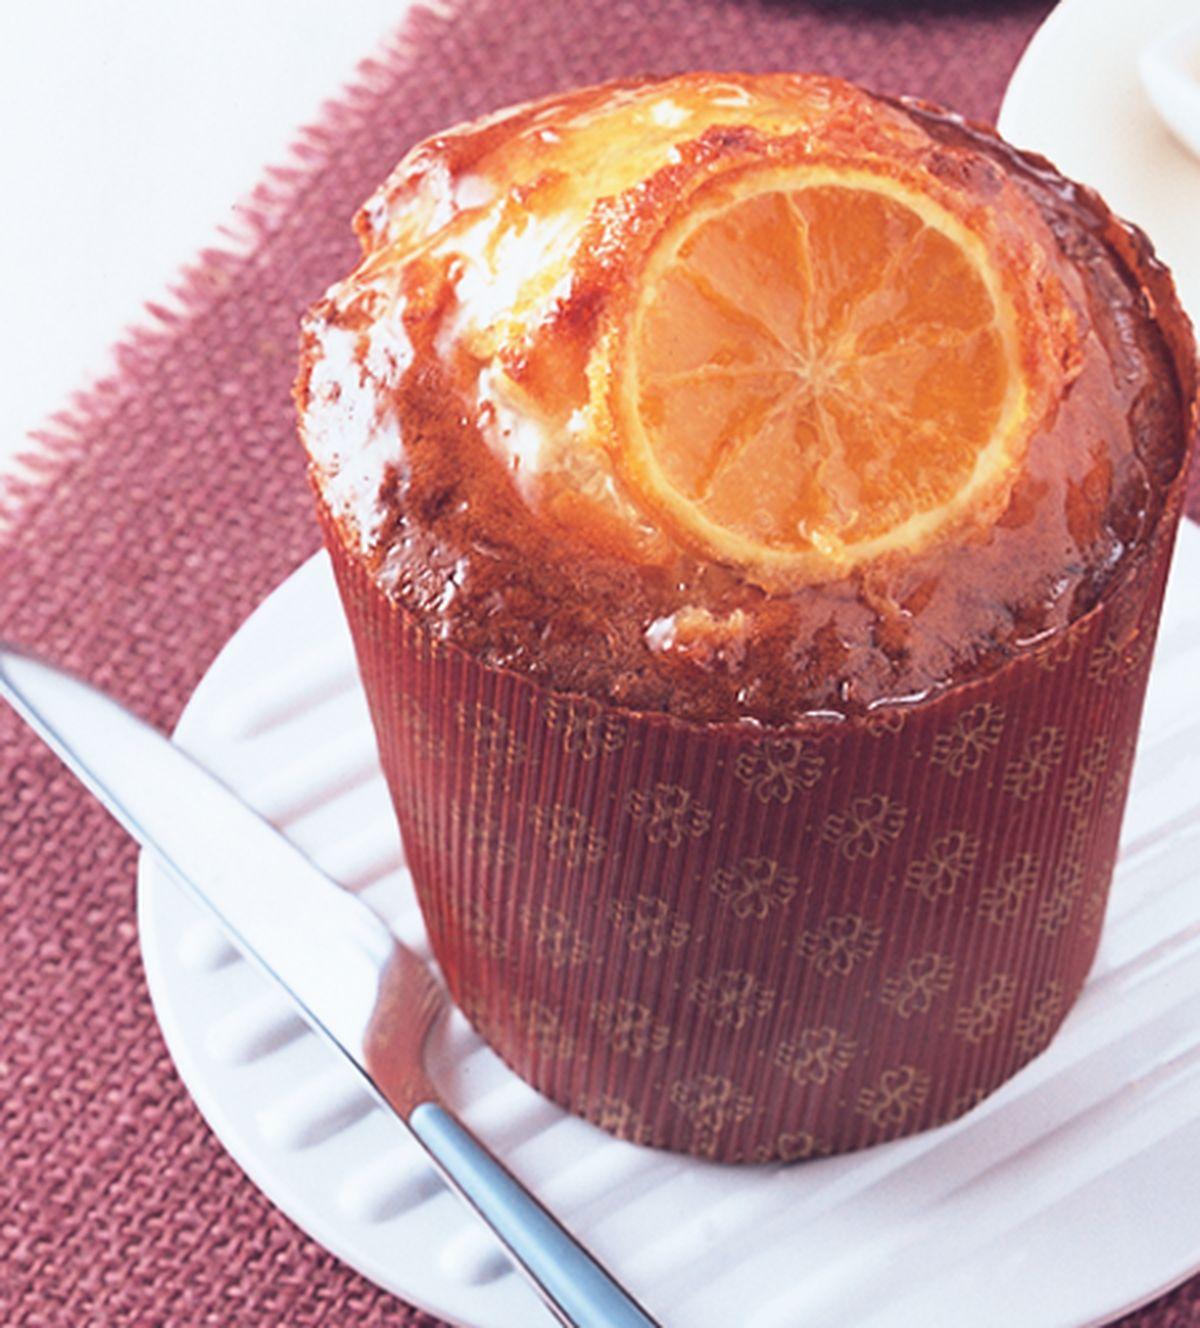 食譜:鄉村香橙重奶油蛋糕